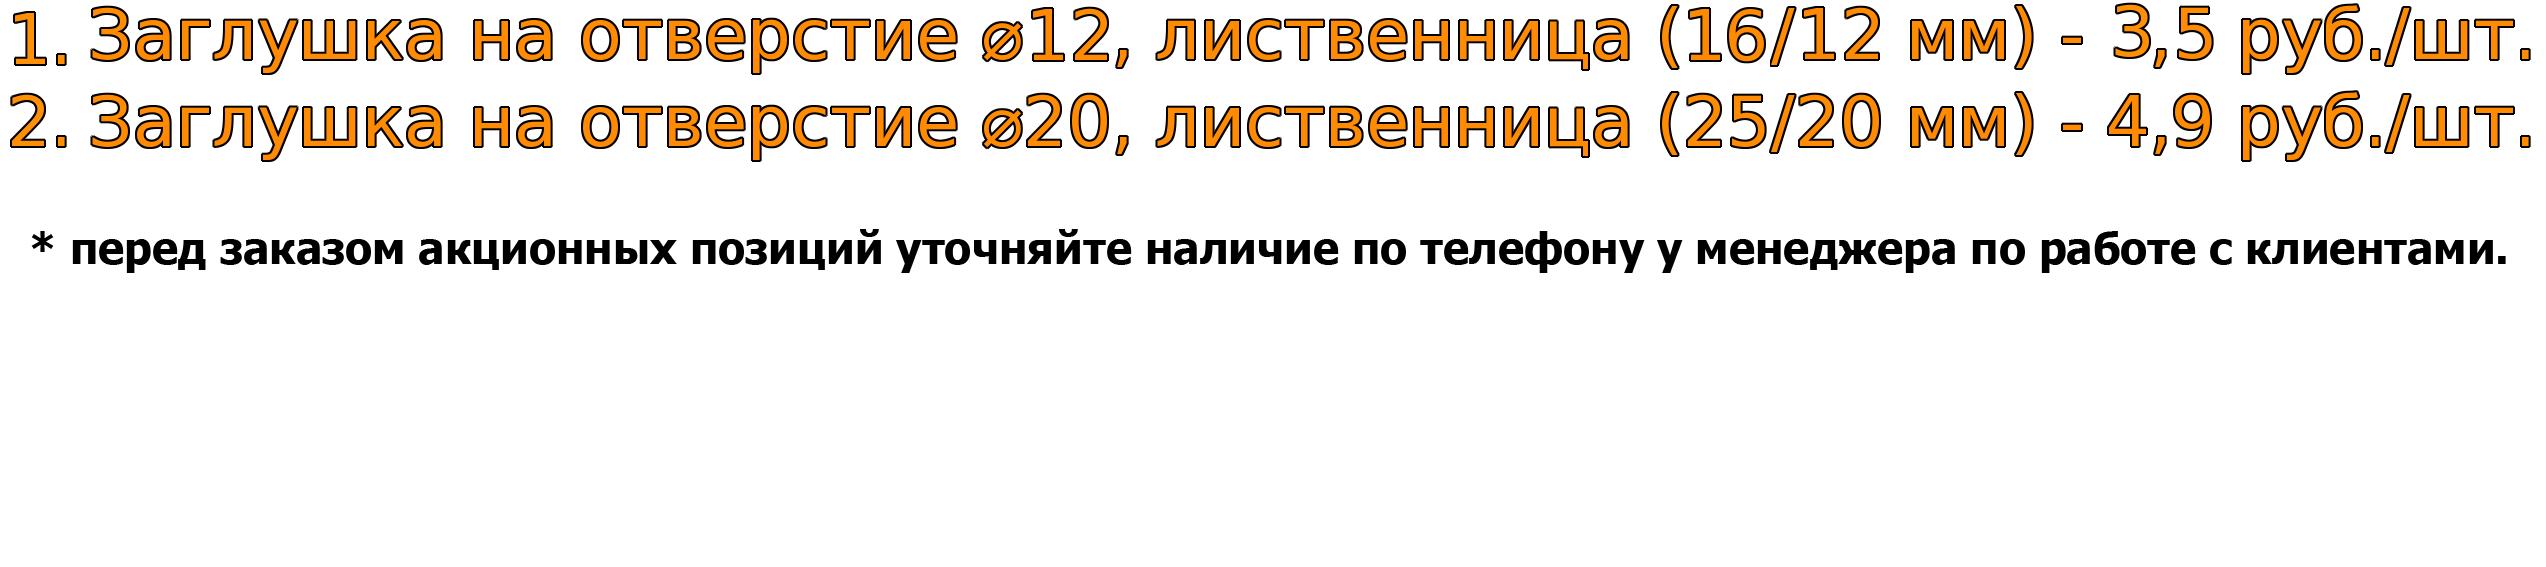 sale 5 (2)